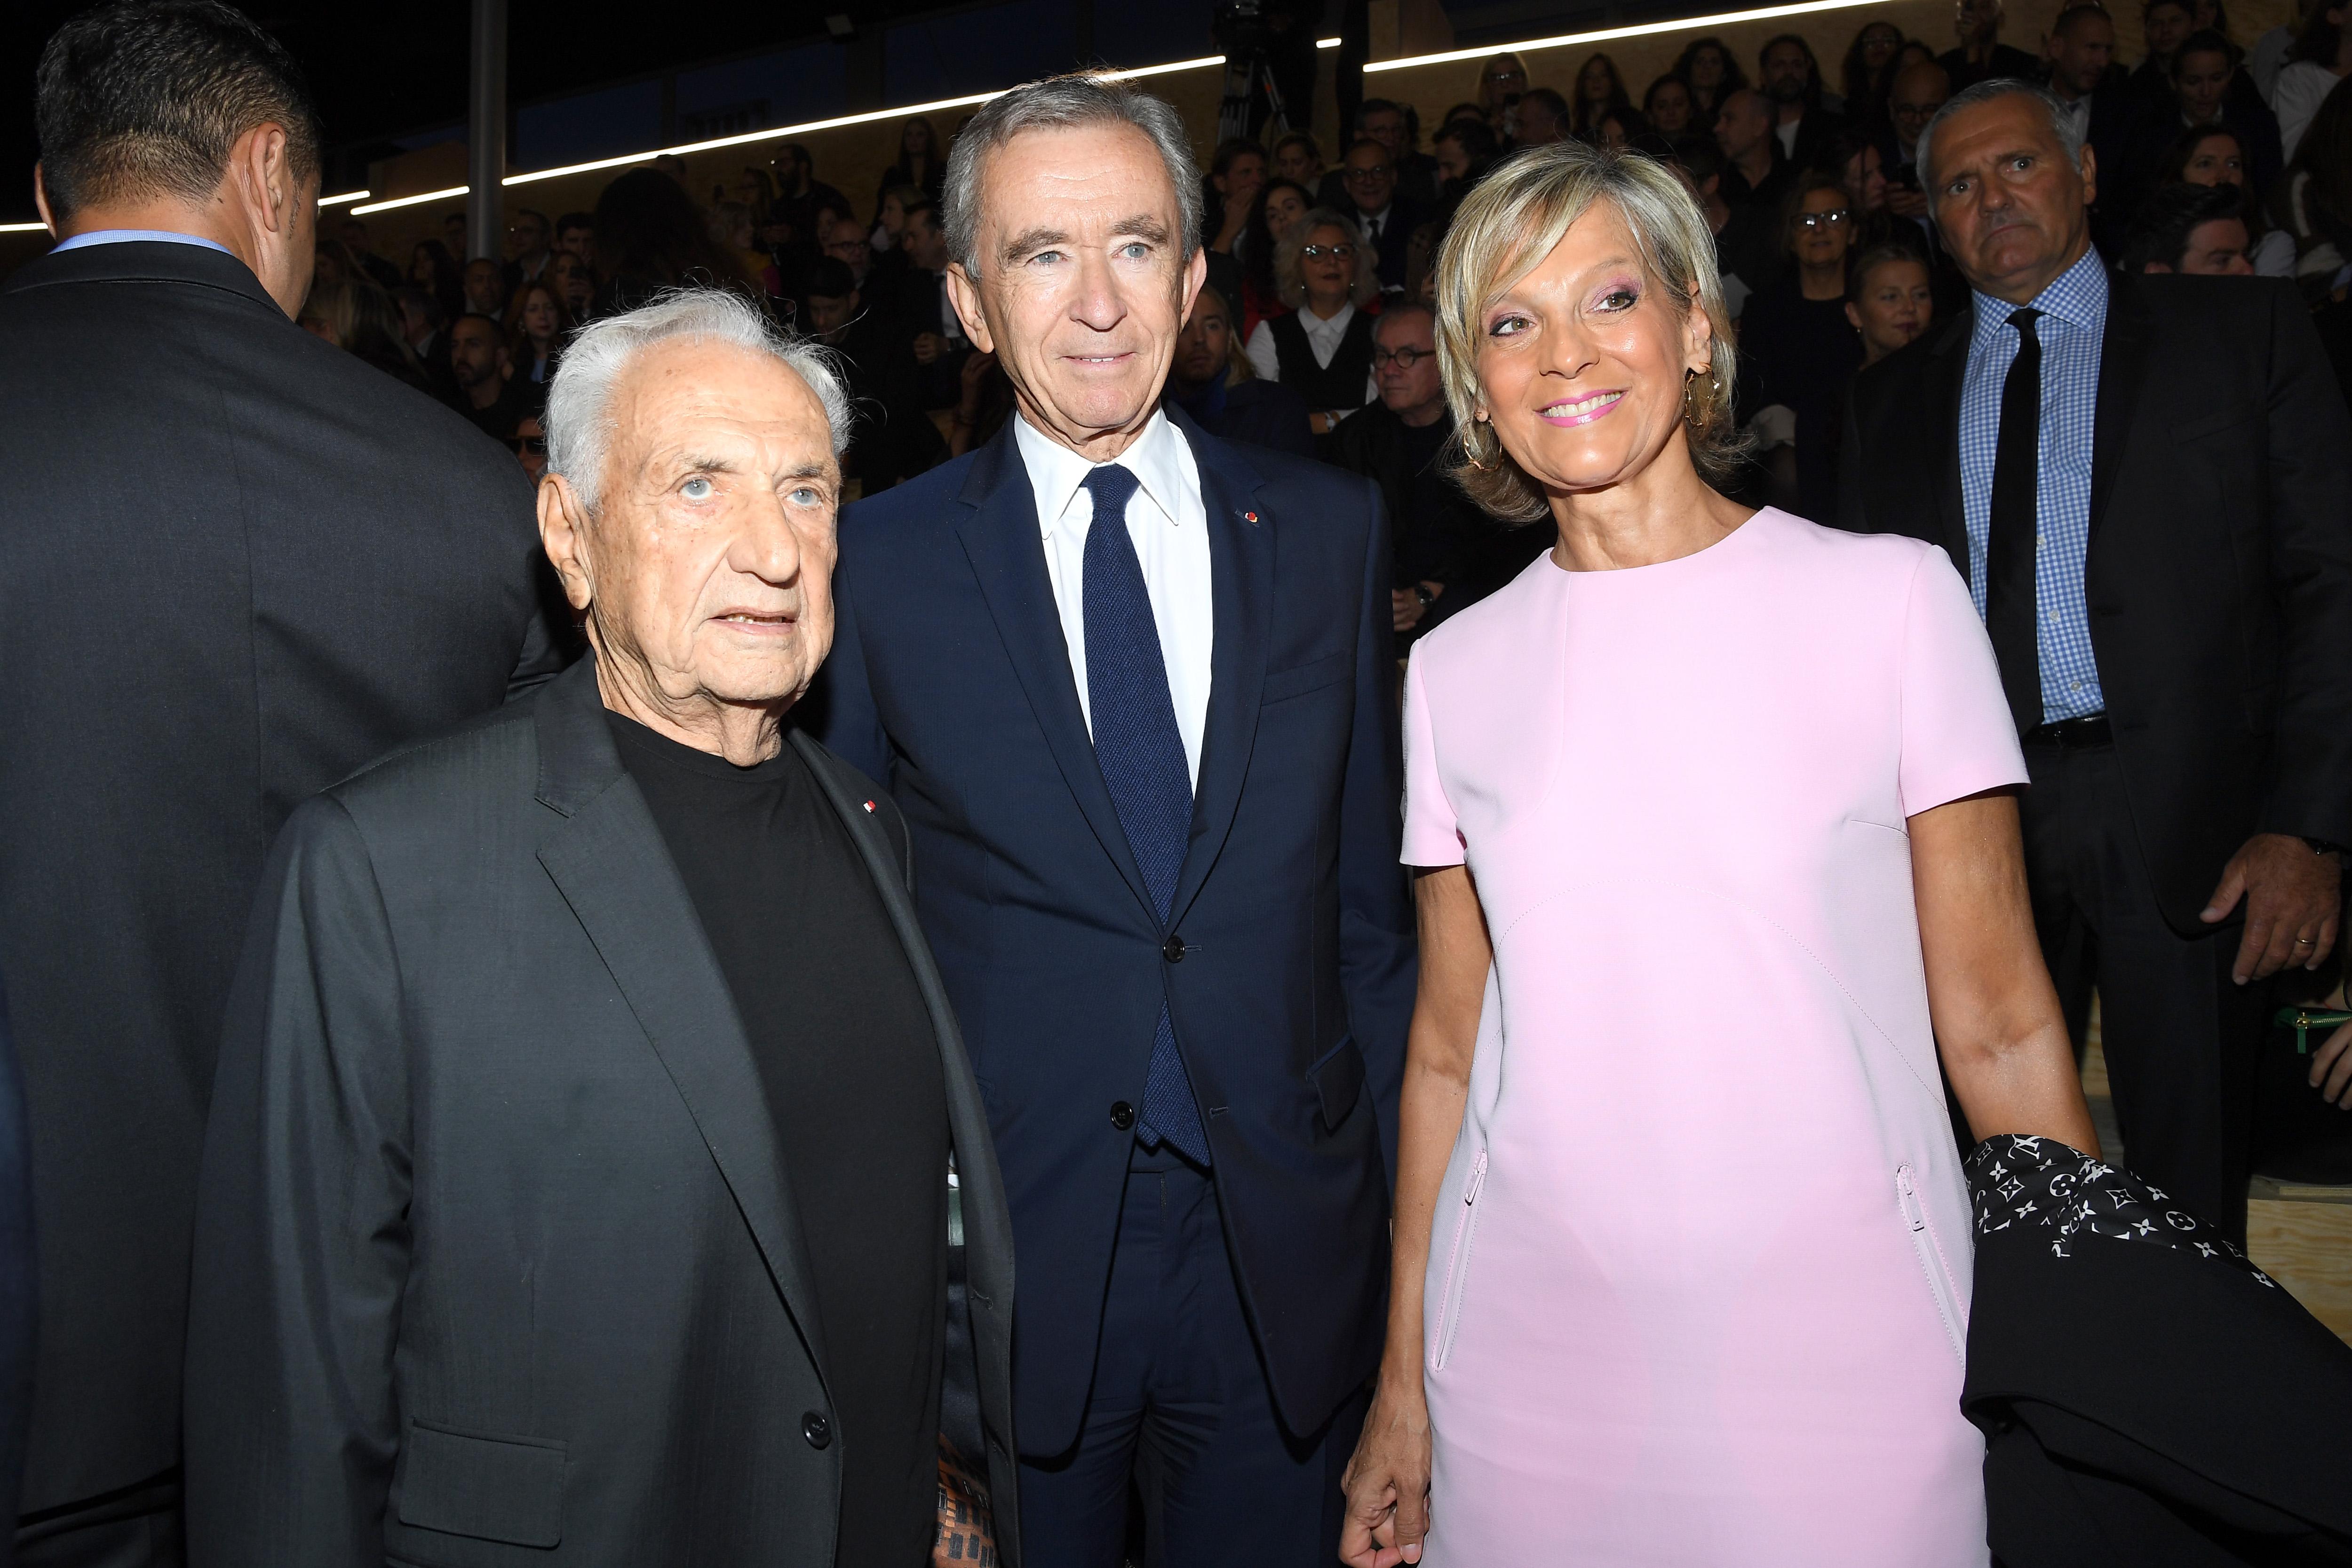 Bernard Arnault and Helene Mercier-Arnault